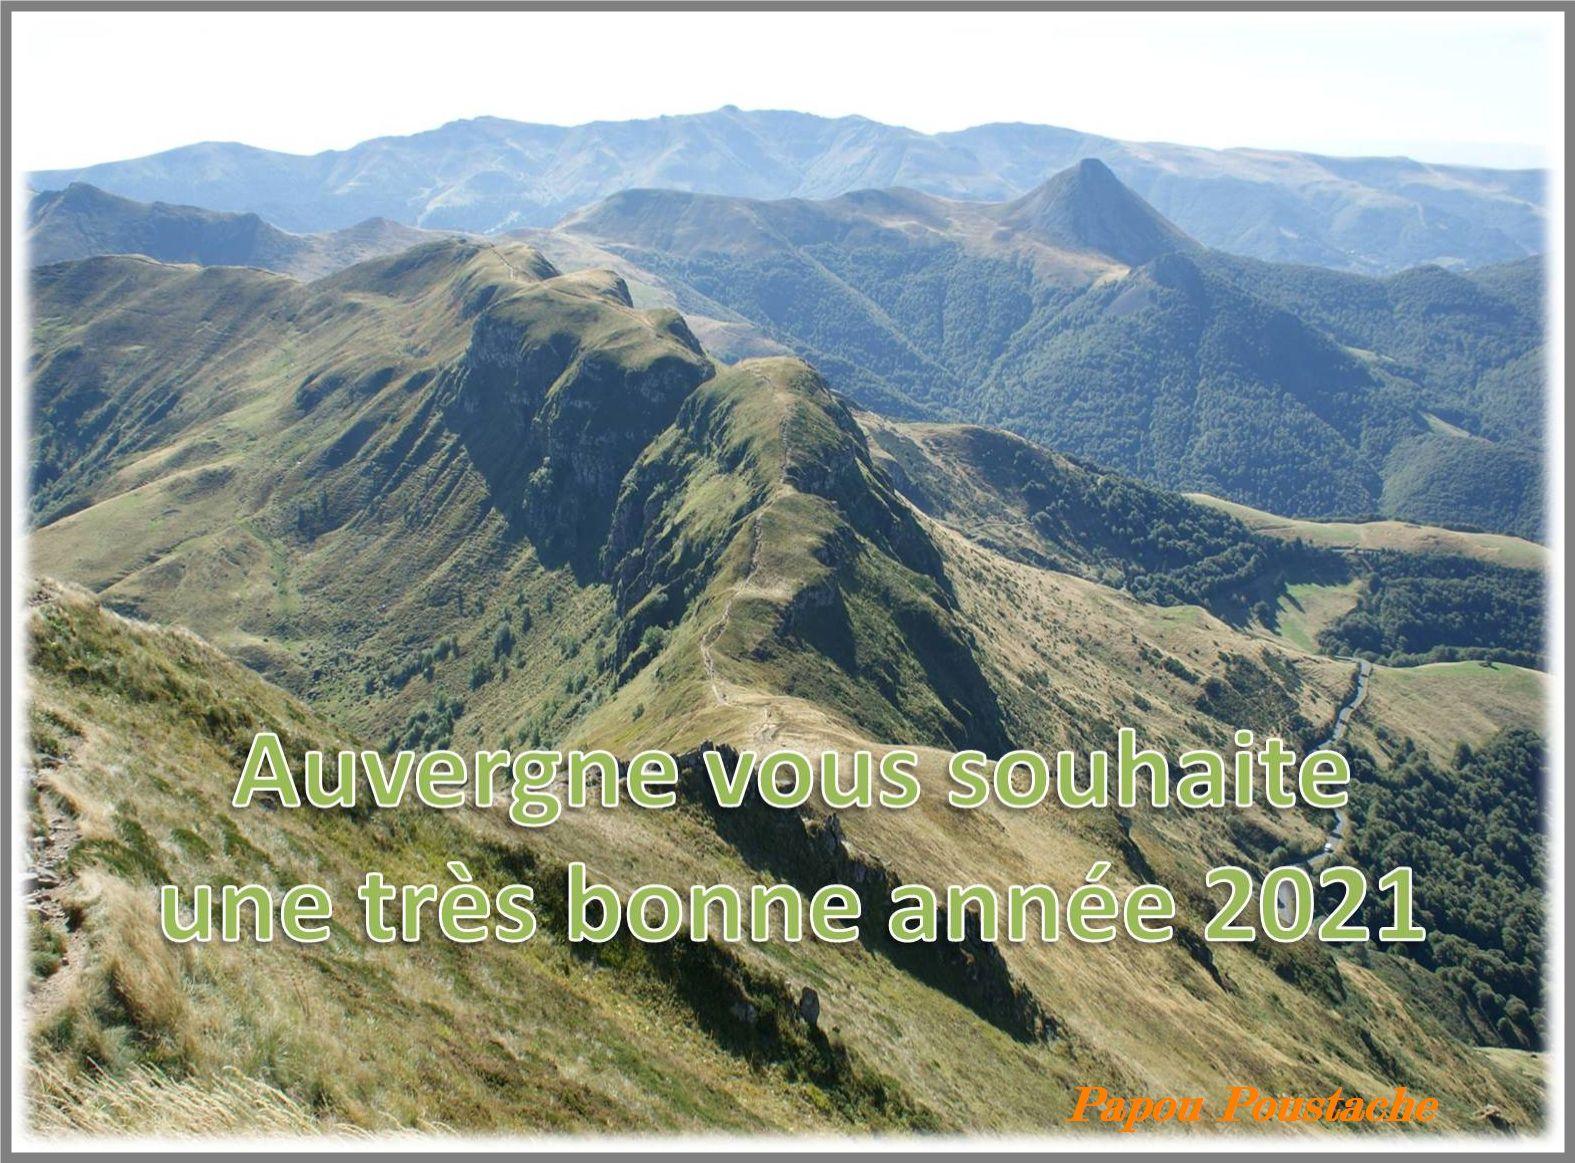 Auvergne 2021